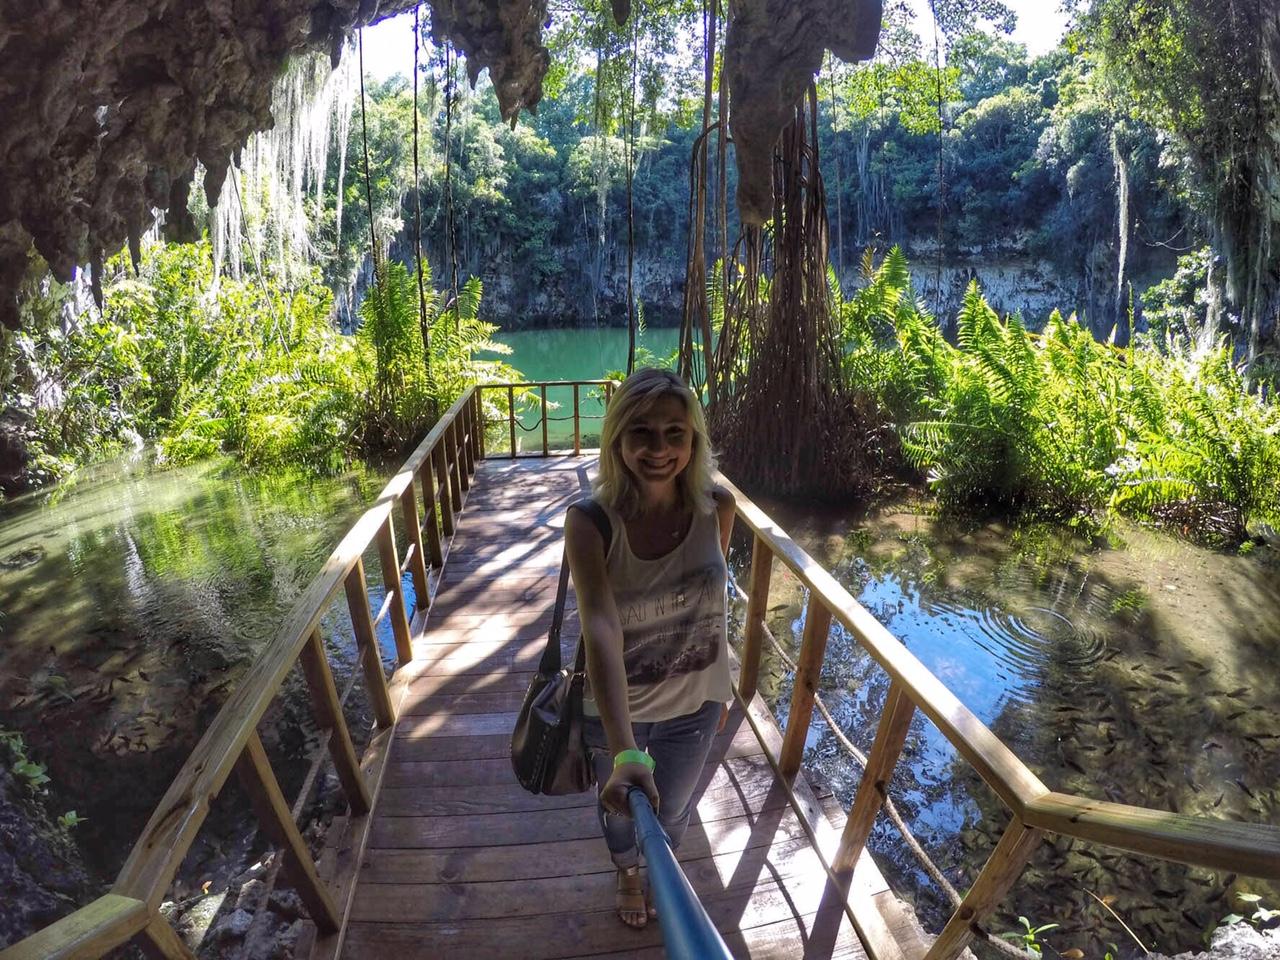 Parque Los Tres Ojos - Santo Domingo - República Dominicana